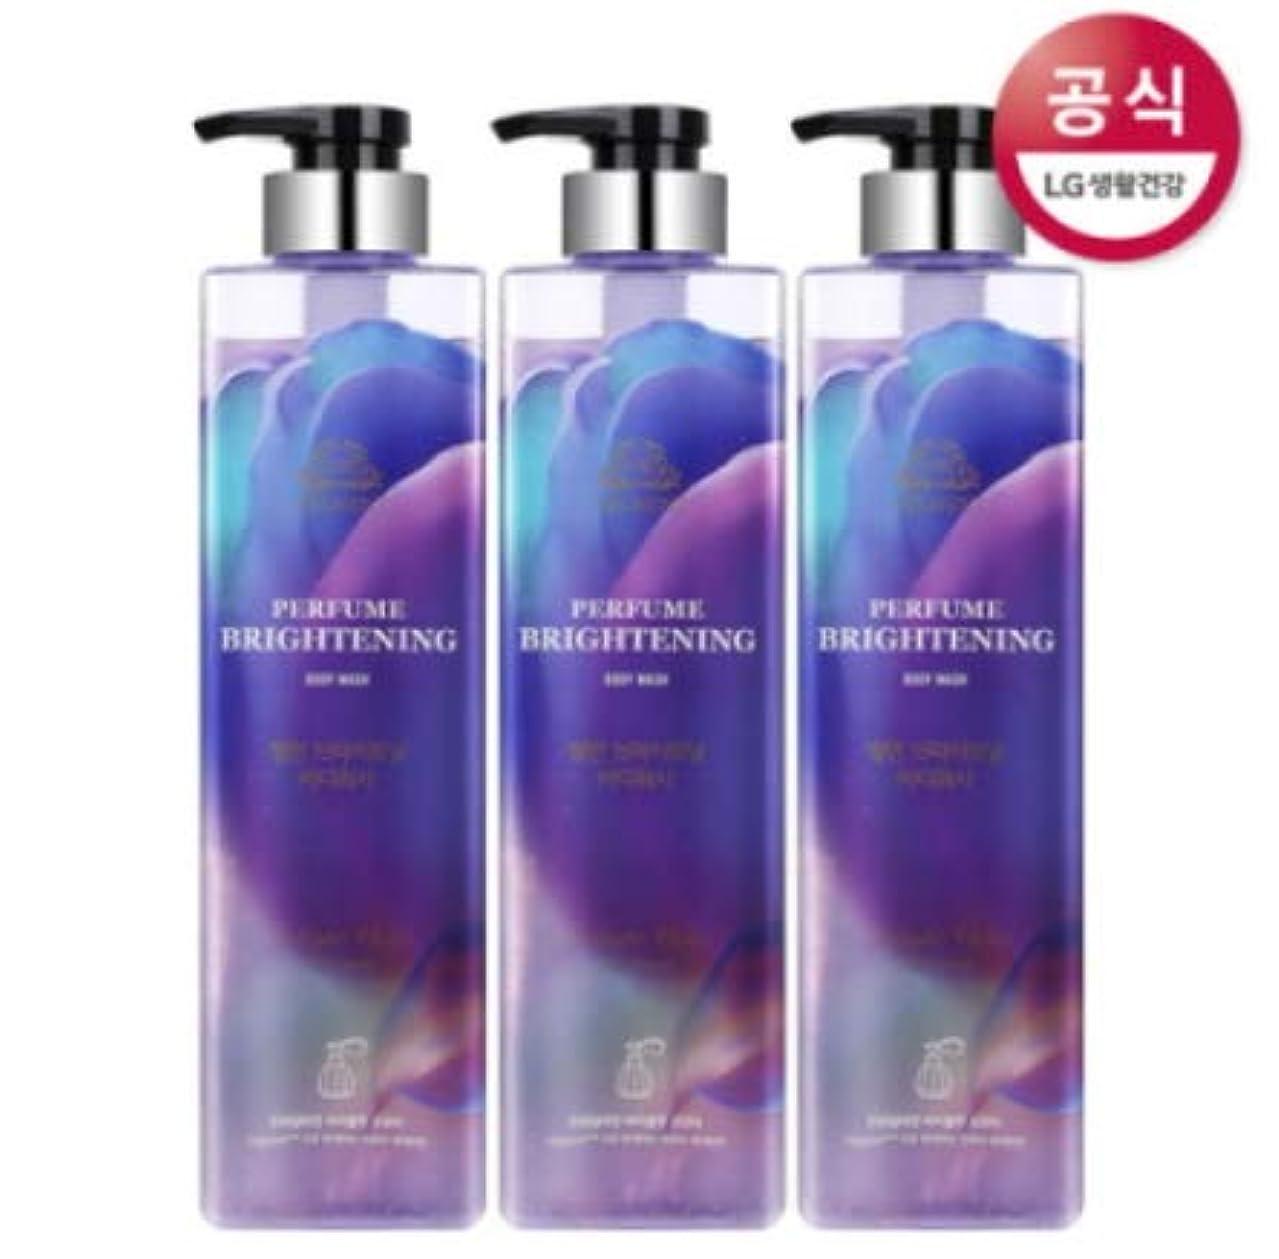 あいまいな計算可能証明[LG HnB] On the Body Belman Perfume Brightening Body Wash / オンザボディベルモンパフュームブライトニングボディウォッシュ680mlx3個(海外直送品)